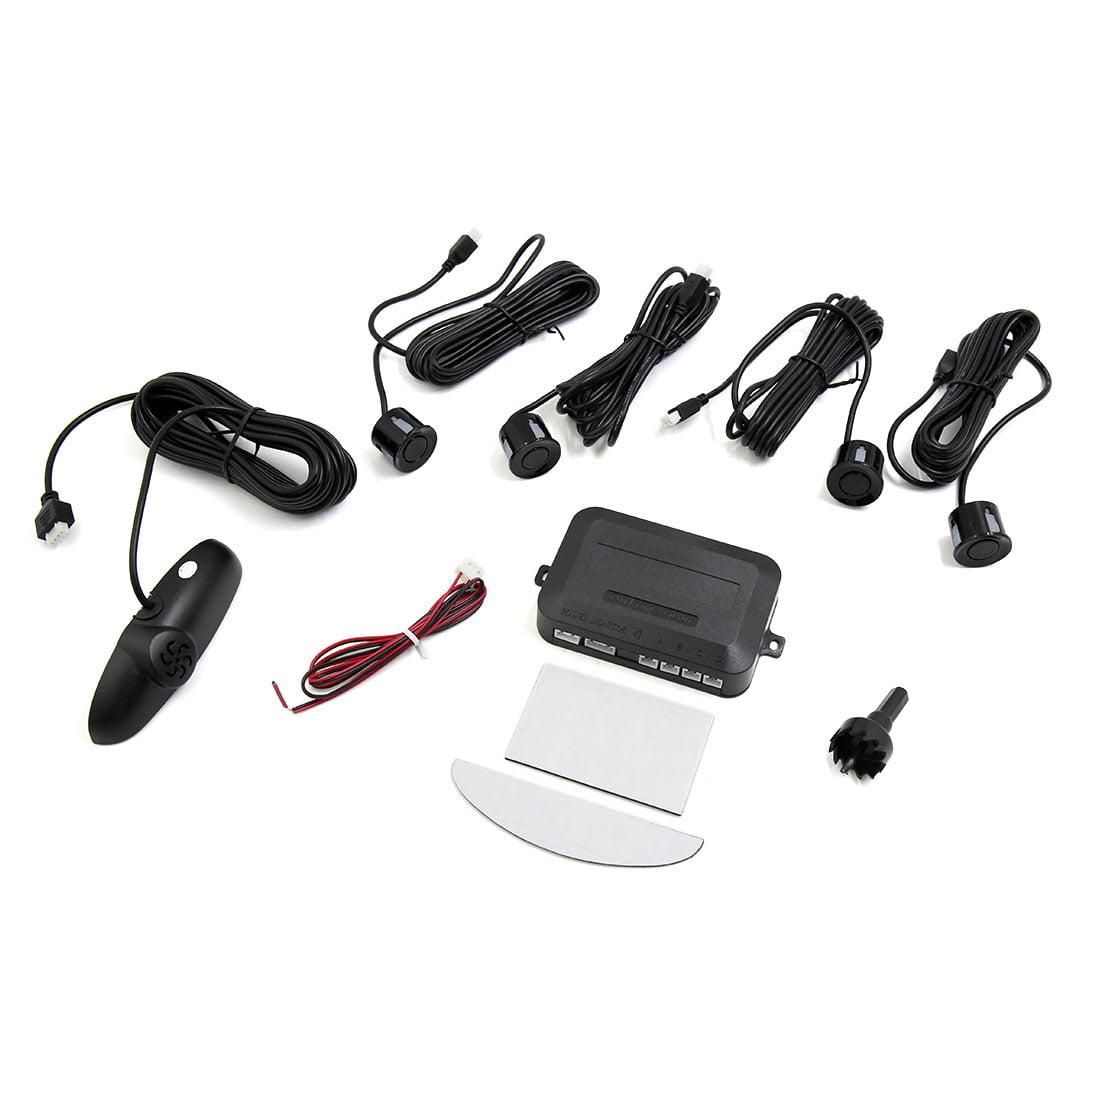 4 Parking Sensors LED Display Car Backup Reverse Detector Sound Alert Kit Black